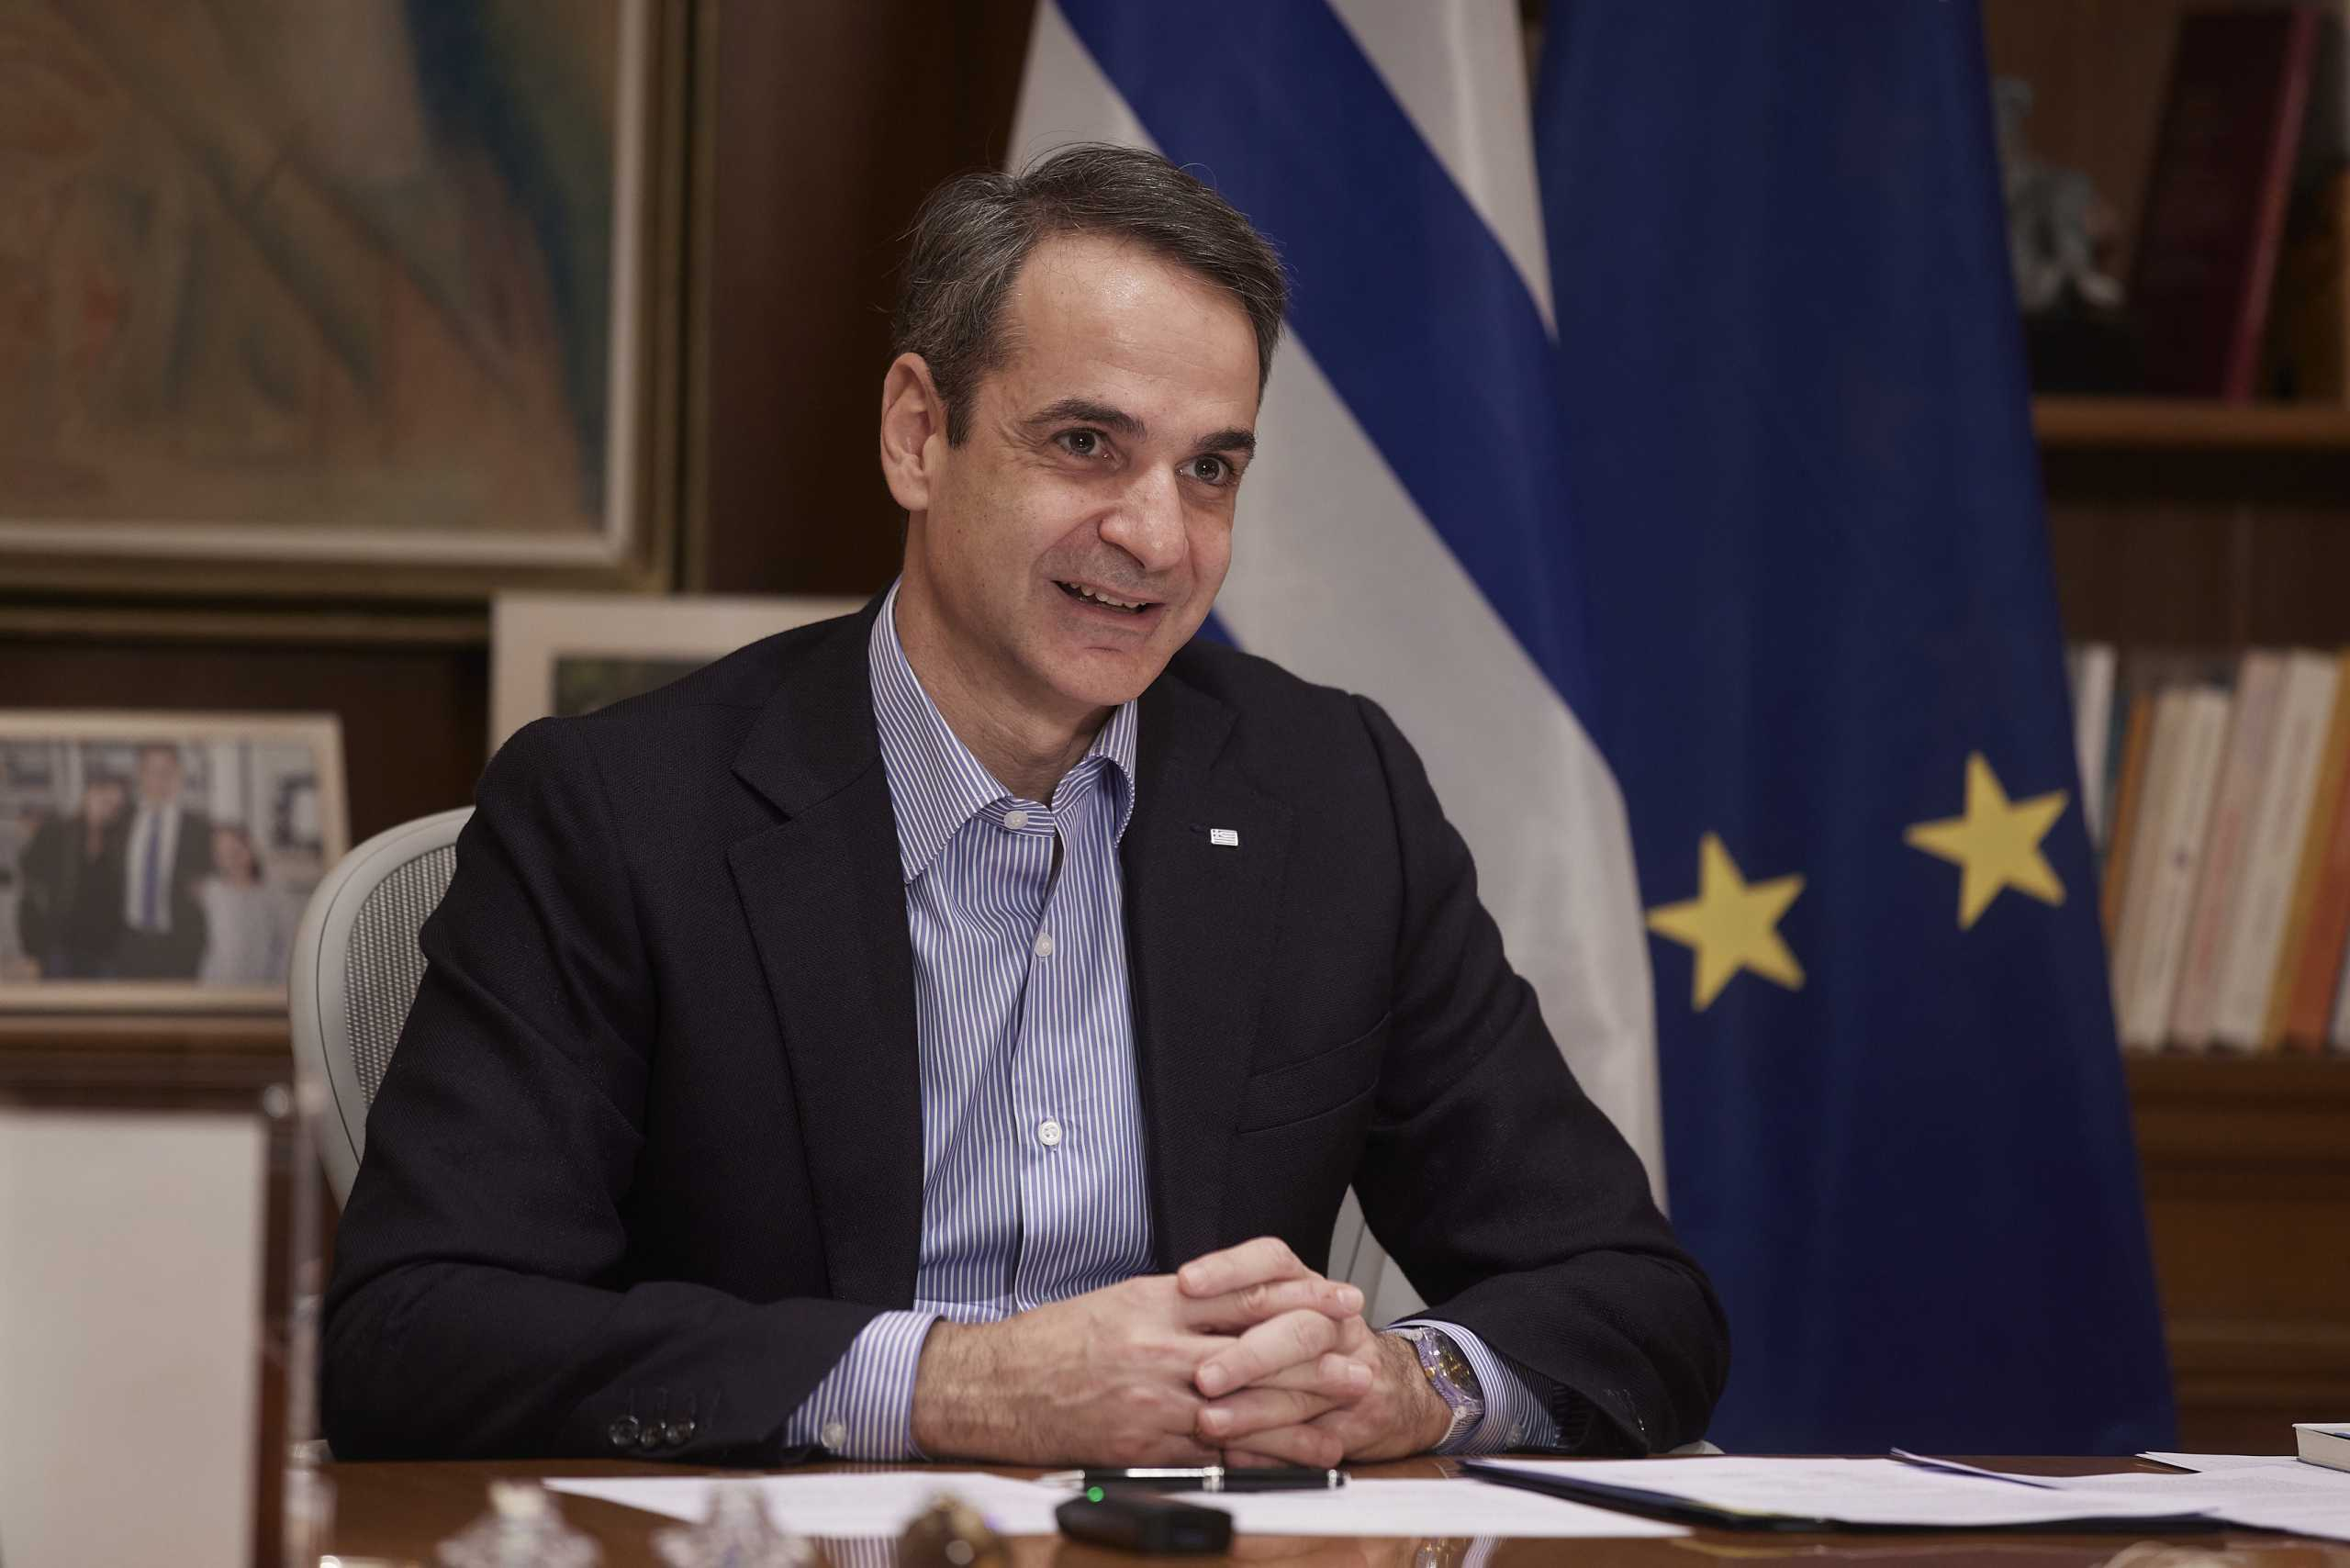 Μητσοτάκης: «Θέλουμε οι Καναδοί να μετέχουν στο success story της Ελλάδας»